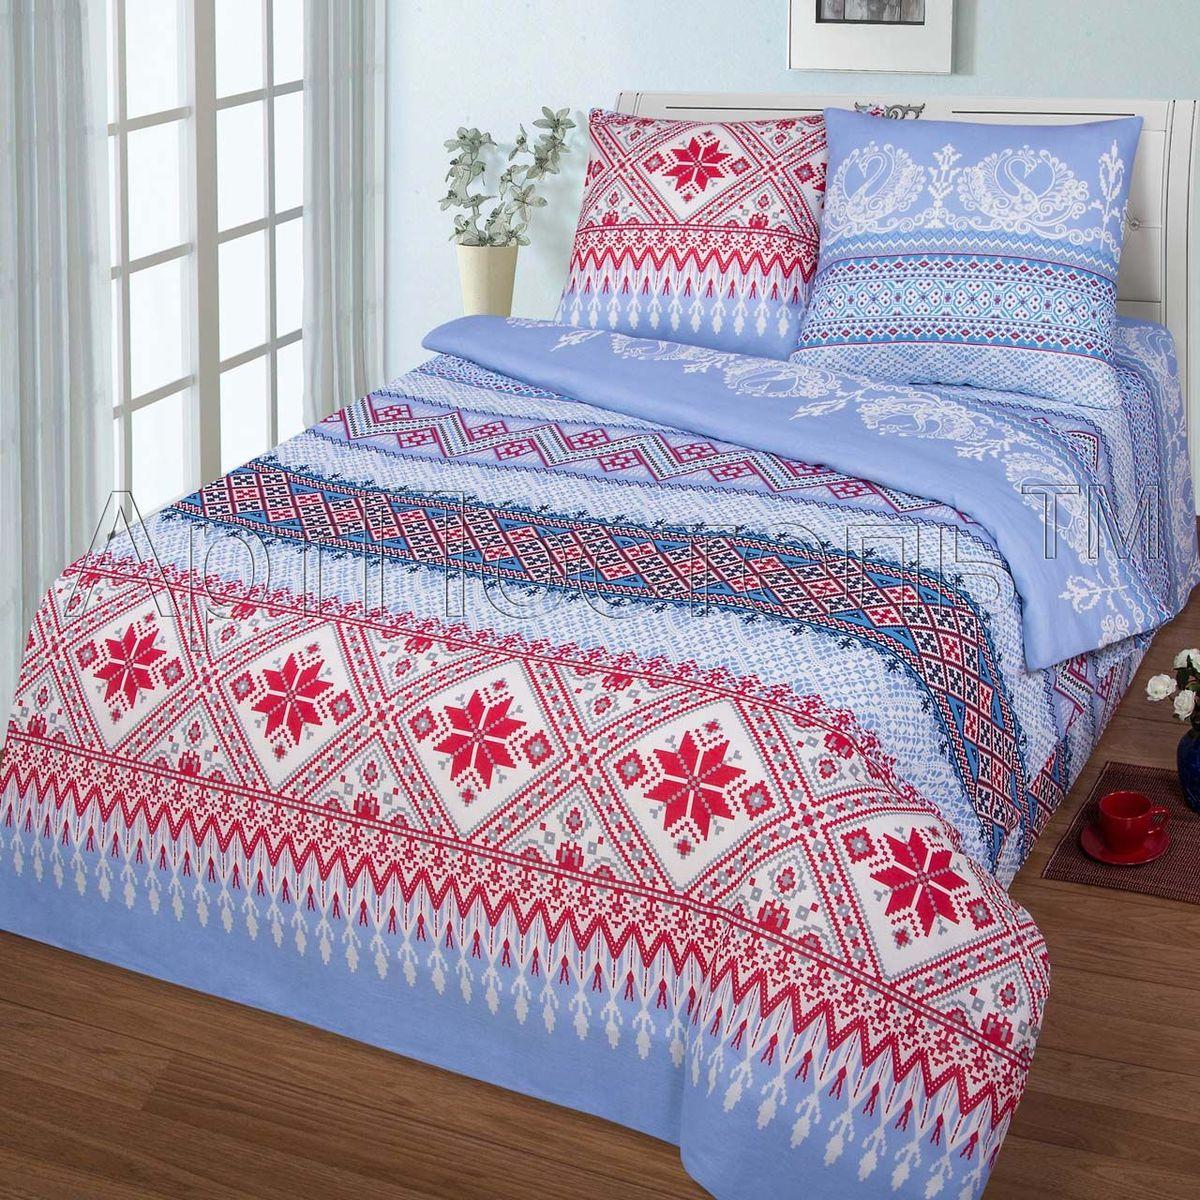 Комплект белья Шоколад Орнамент, 2-спальный с простыней евро, наволочки 70x70. Б109Б109